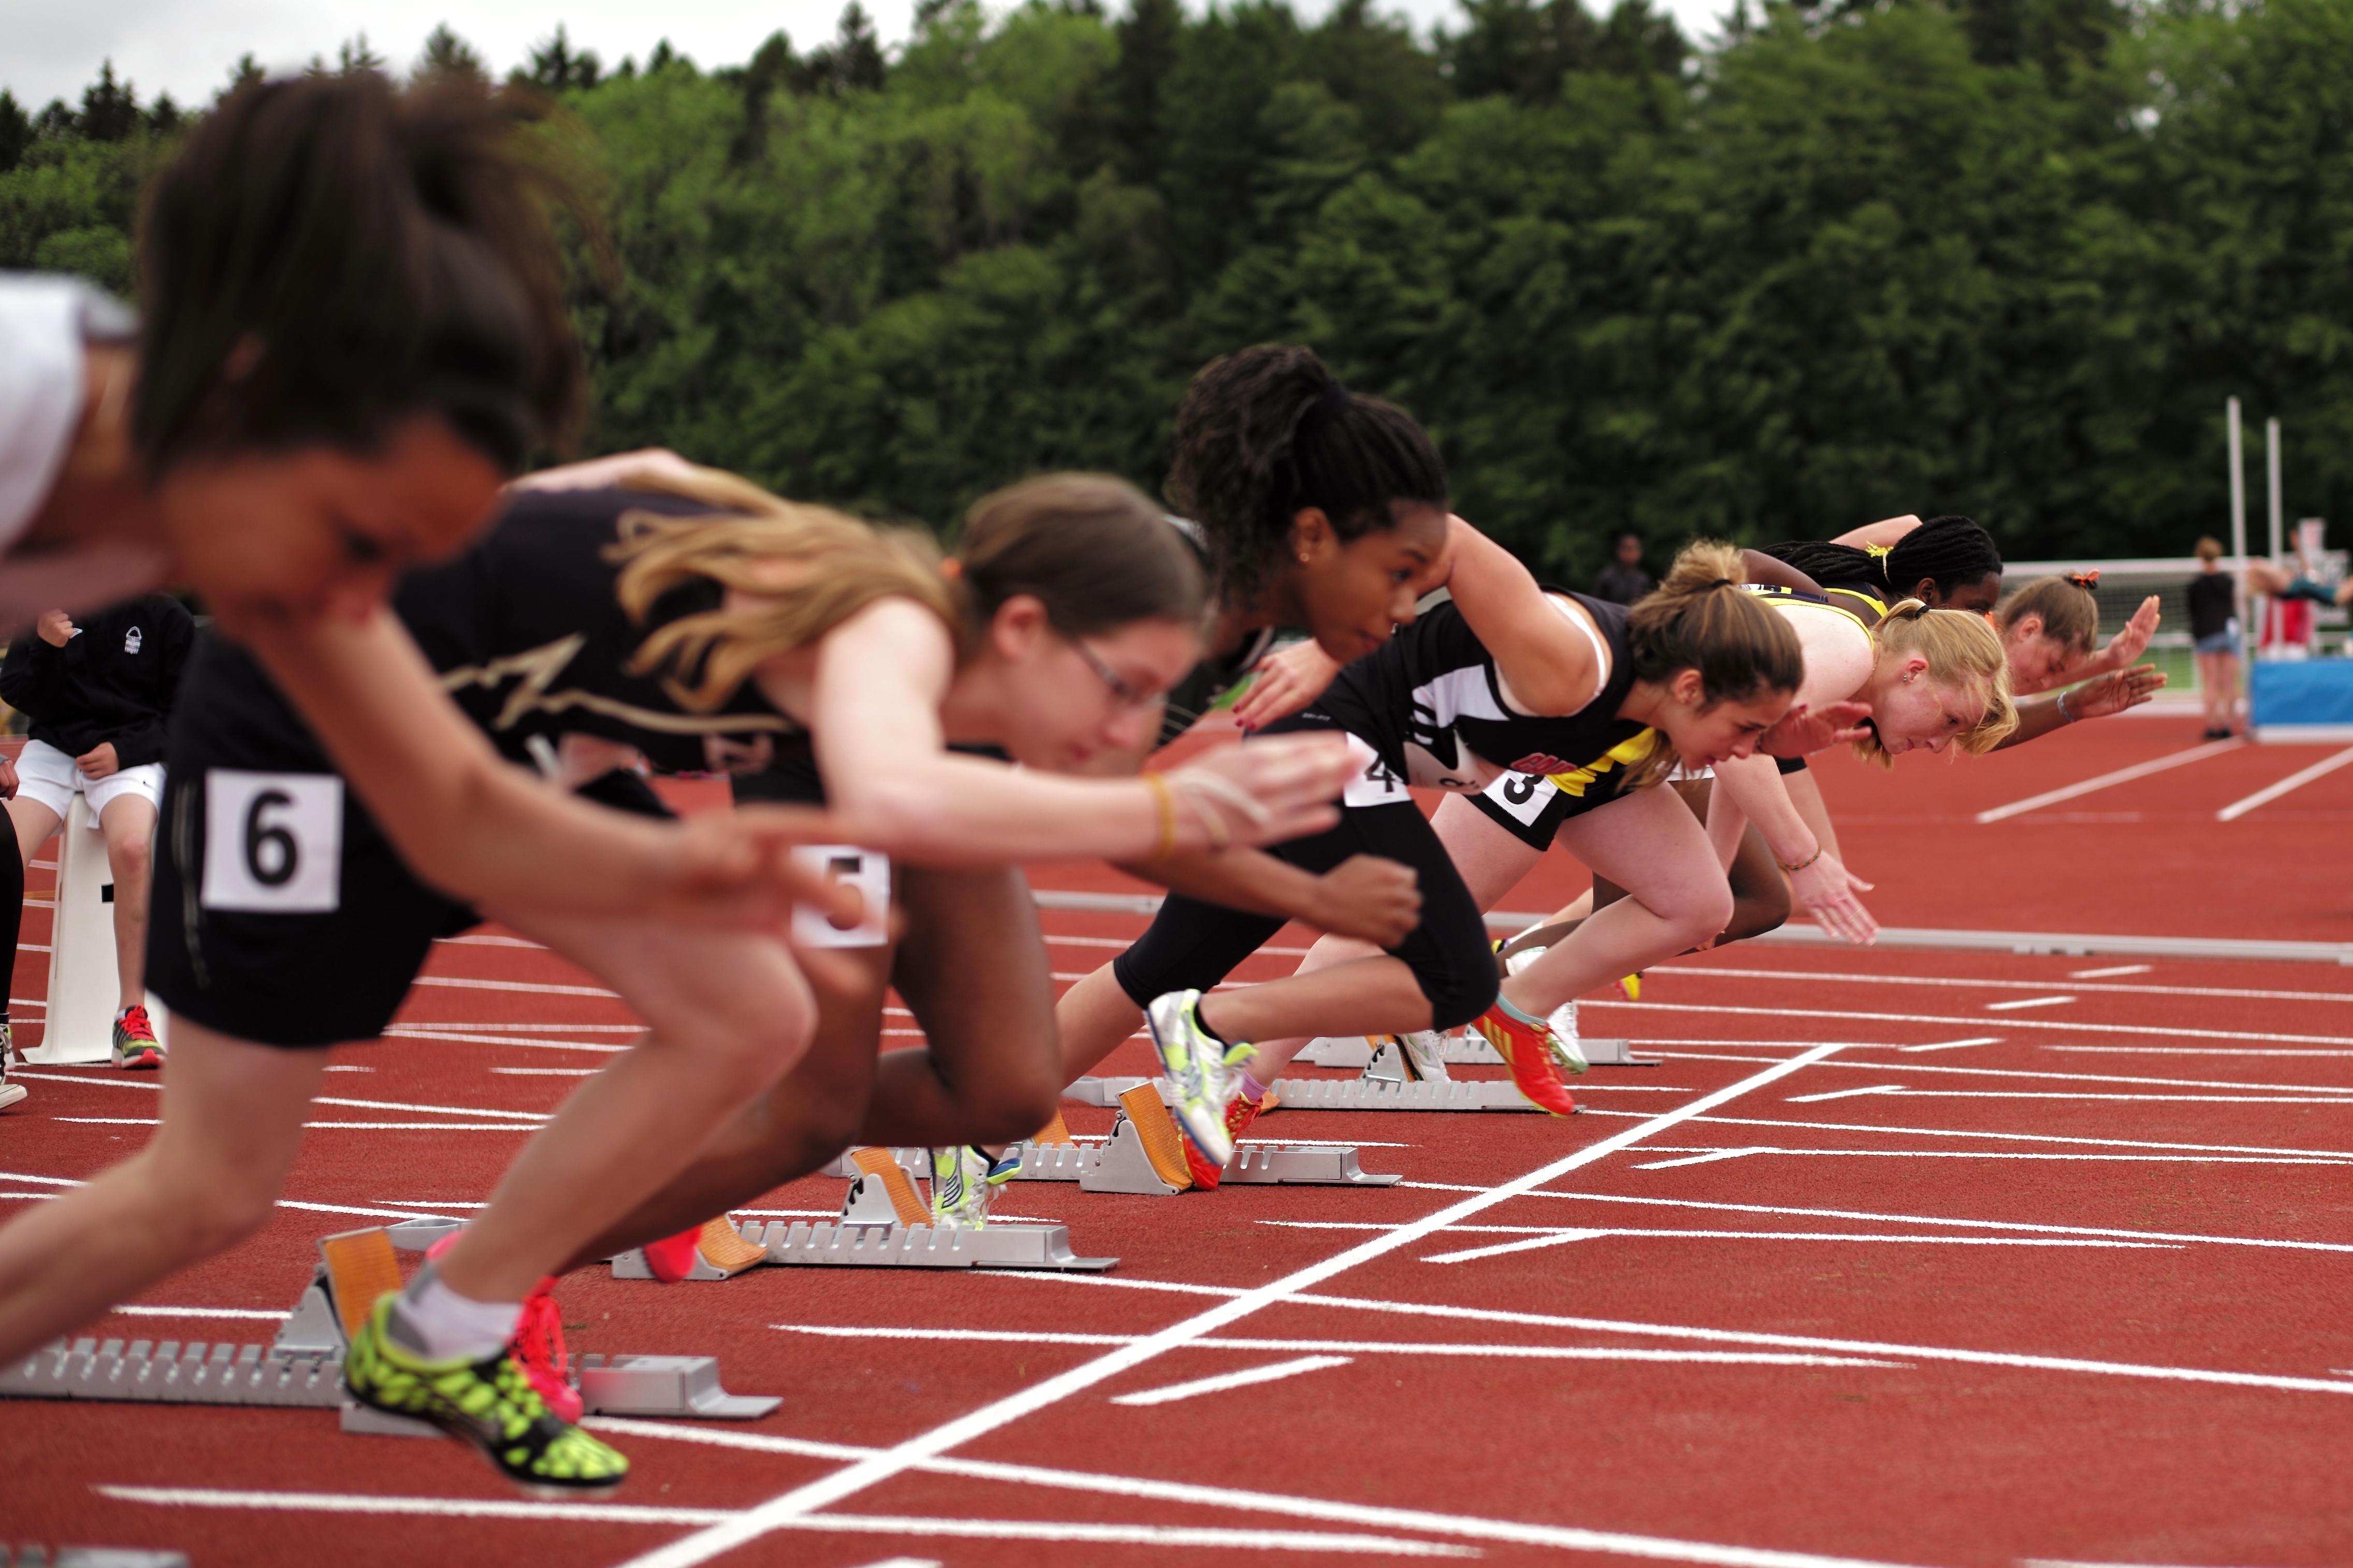 Спорт картинки для соревнований